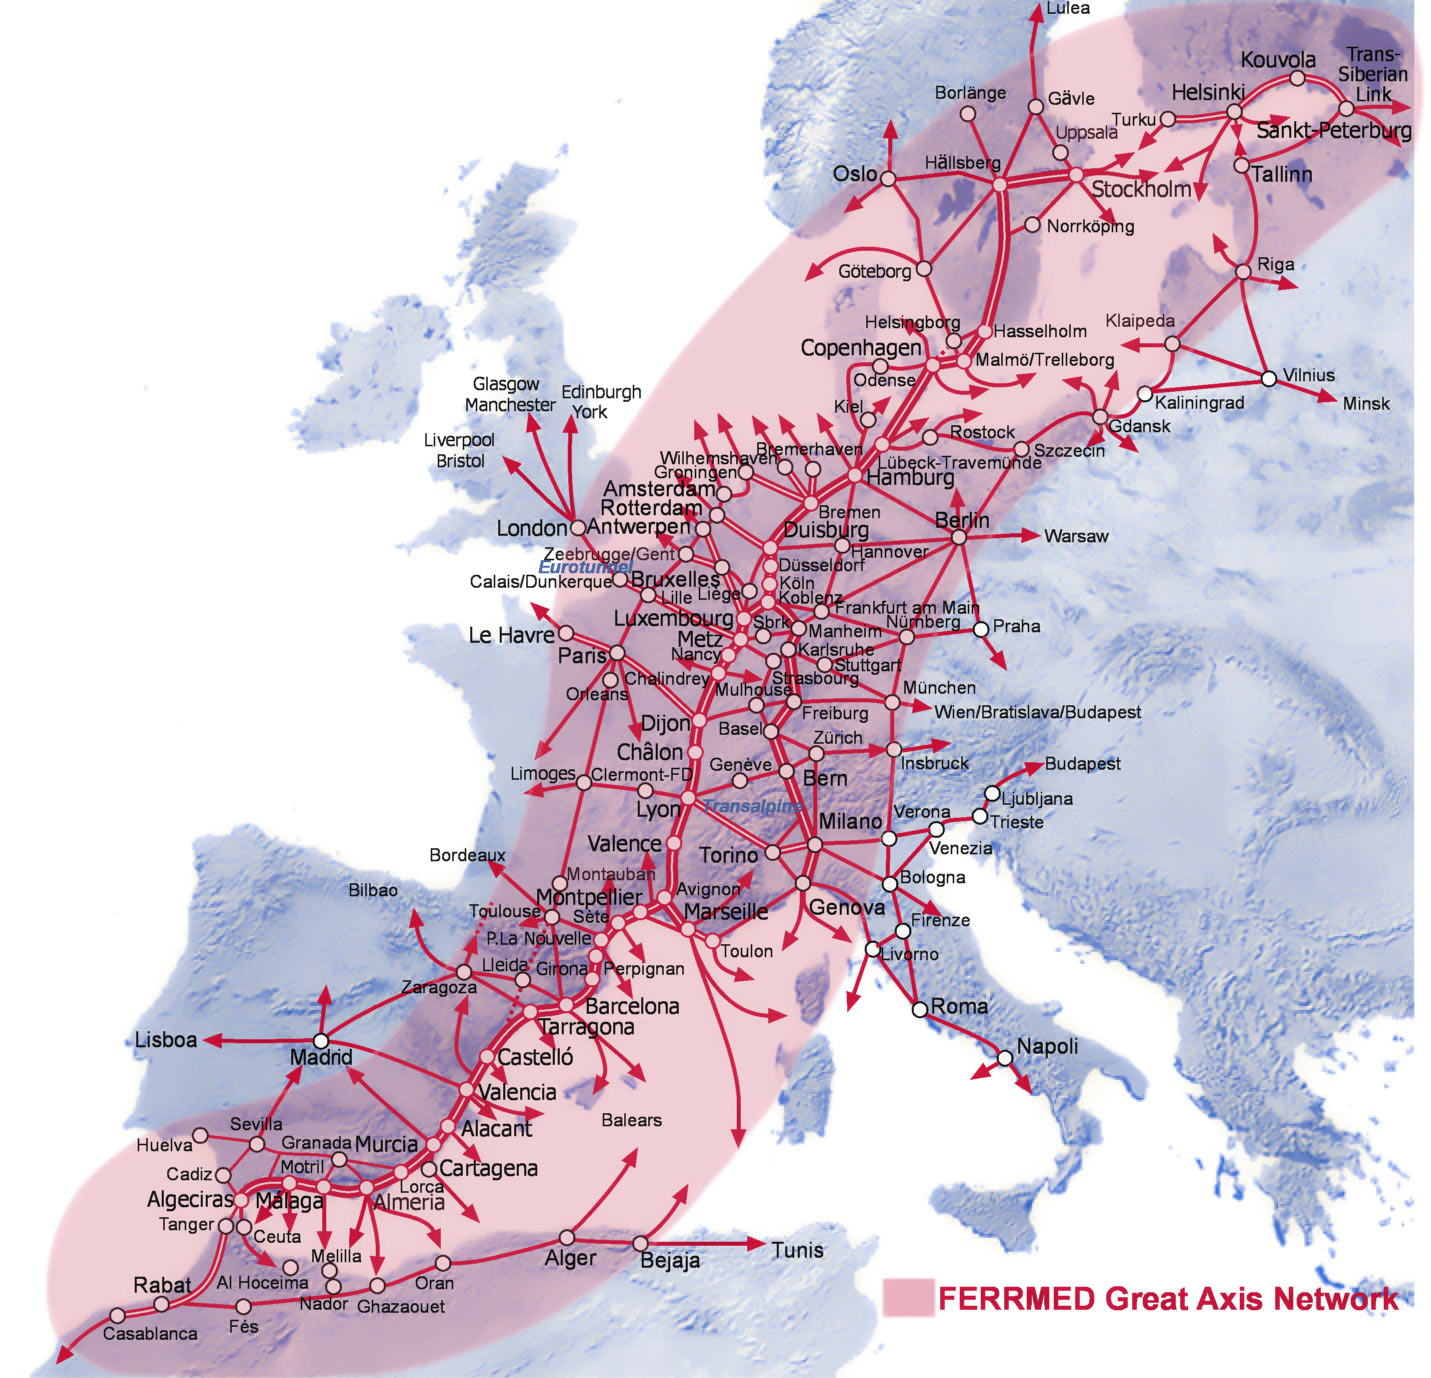 la comissio europea ha elaborat un document de treball corresponent a la consulta sobre la politica futura en relacio a la xarxa transeuropea de transport